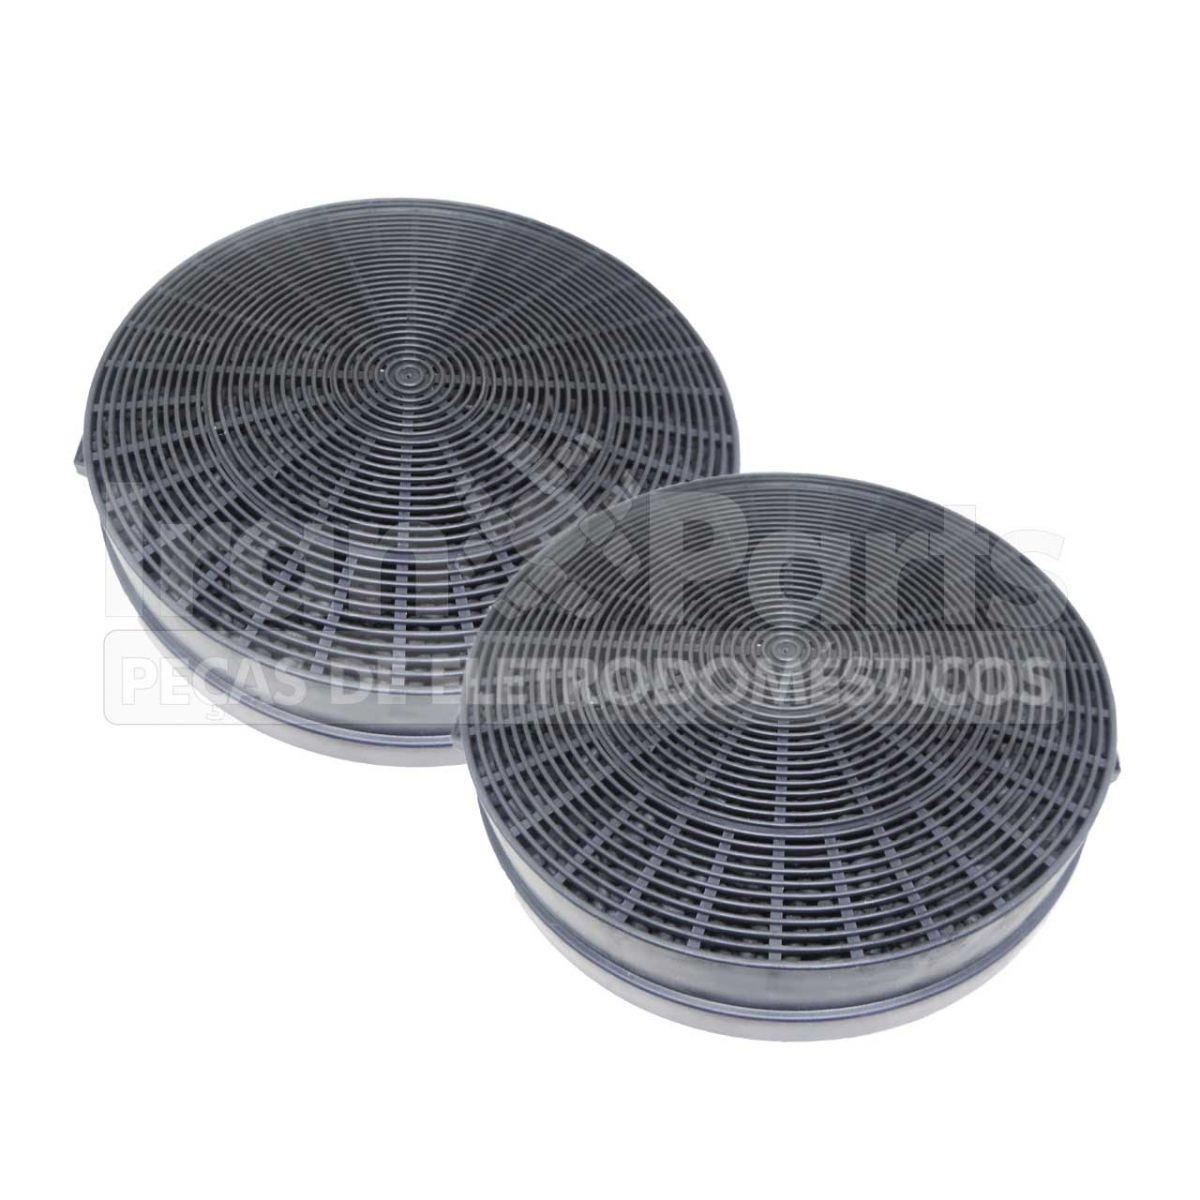 Filtro De Carvão Ativado Para Coifa E Depurador Ge 353121